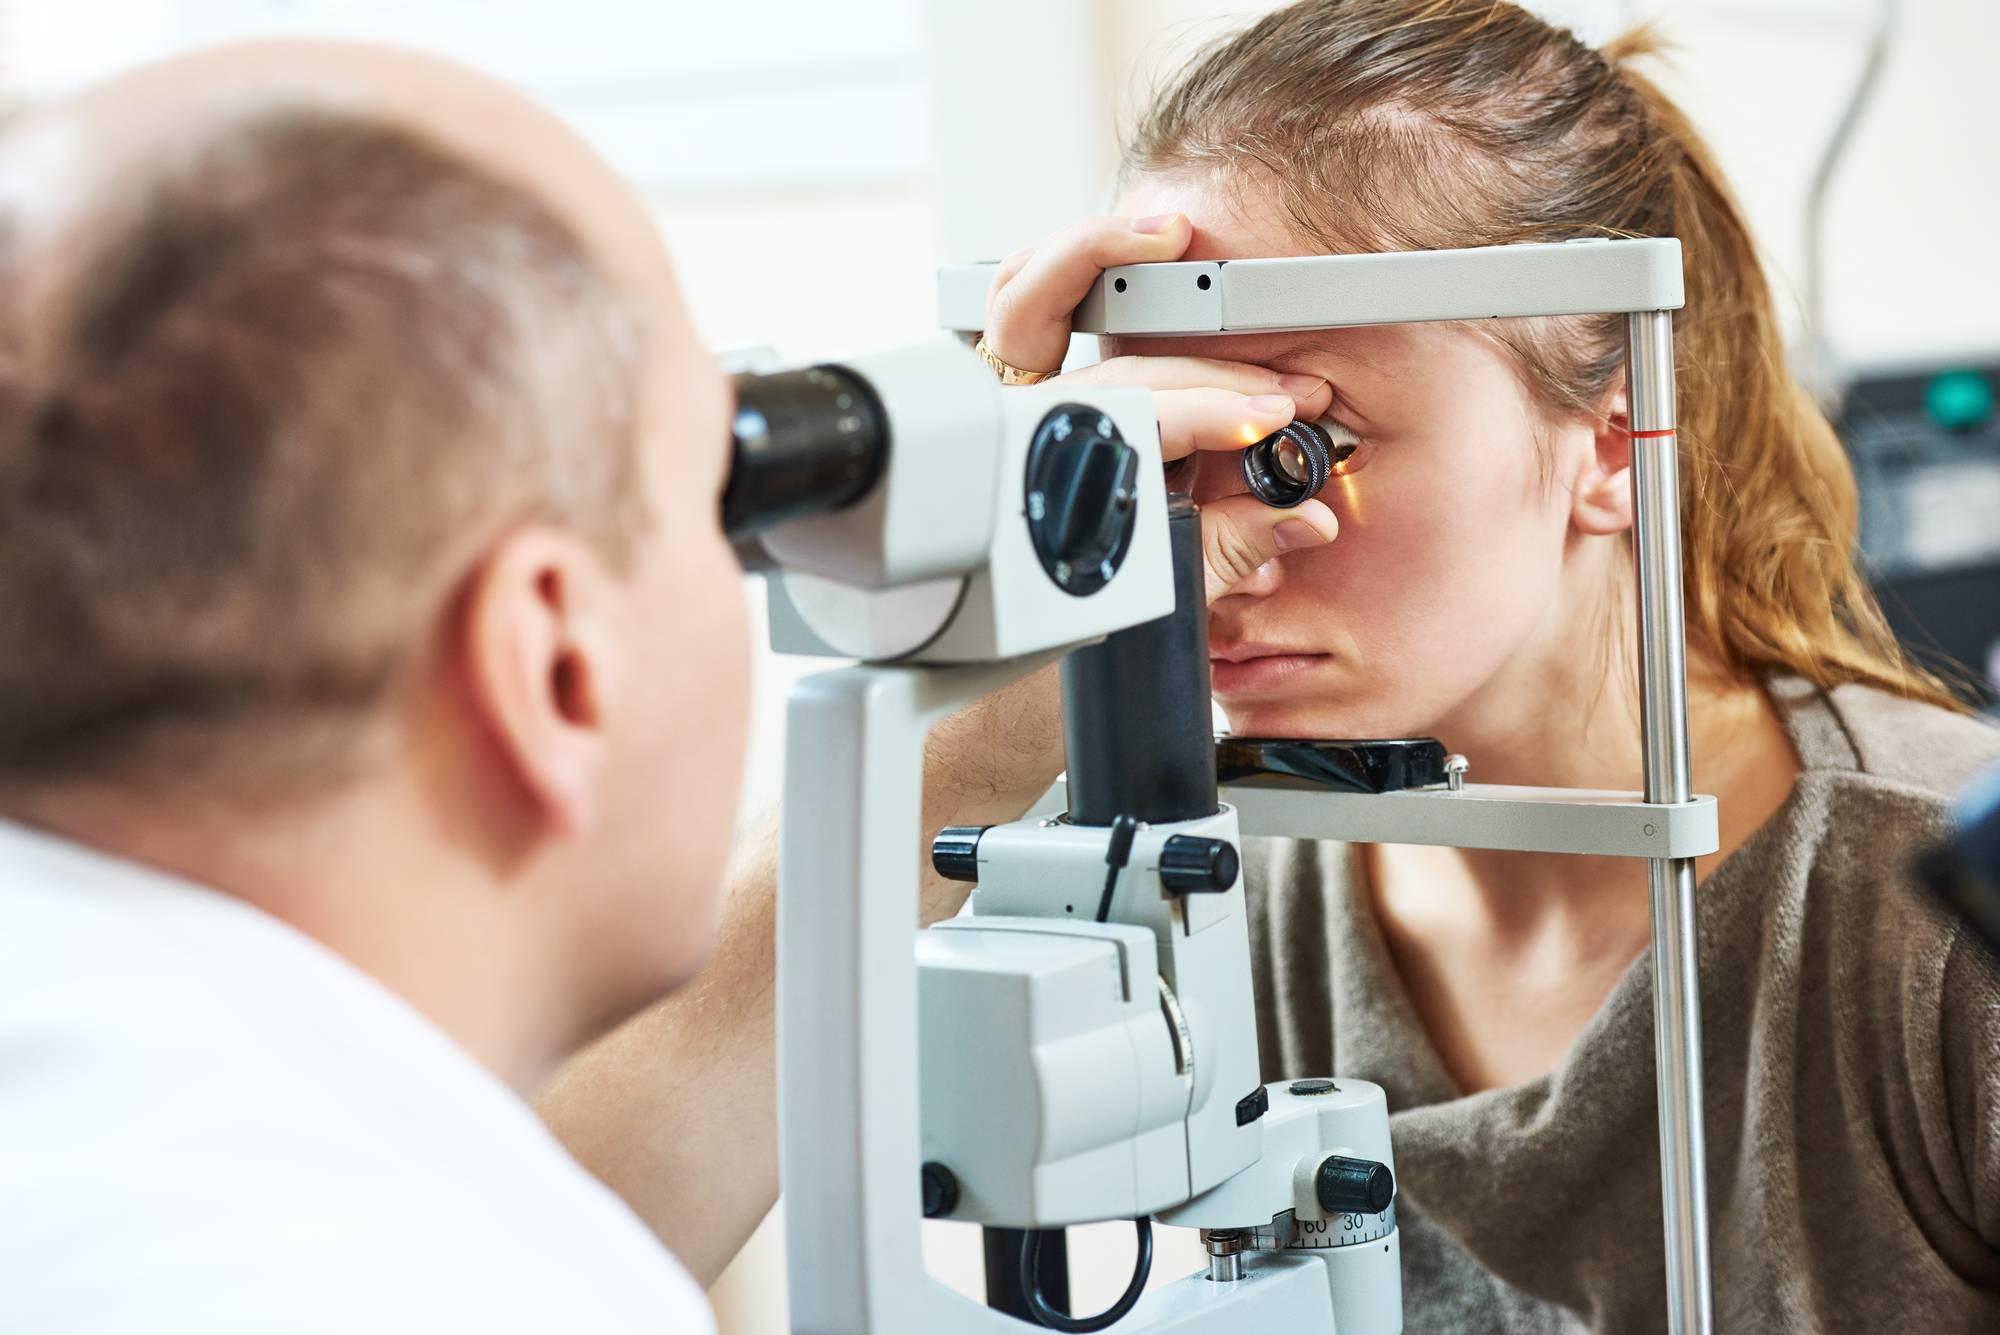 Офтальмолог или окулист — в чем разница между глазными врачами